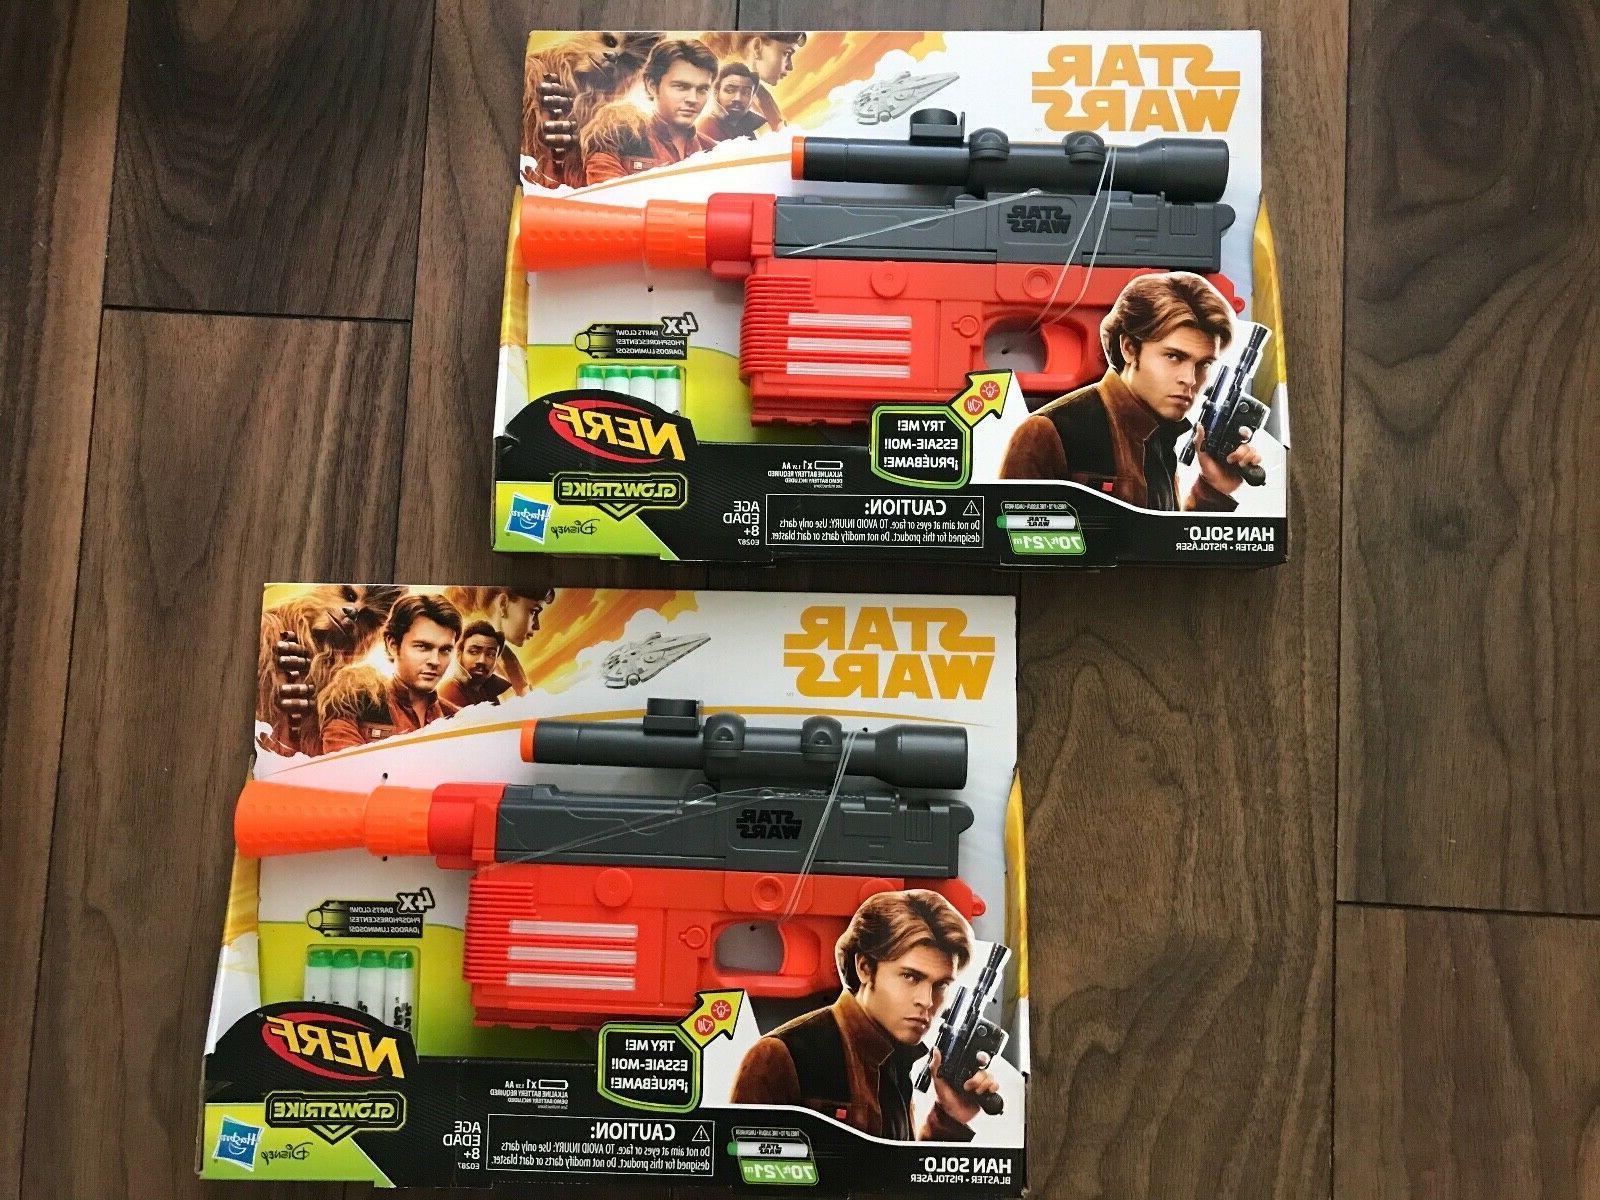 star wars nerf guns lot x 2